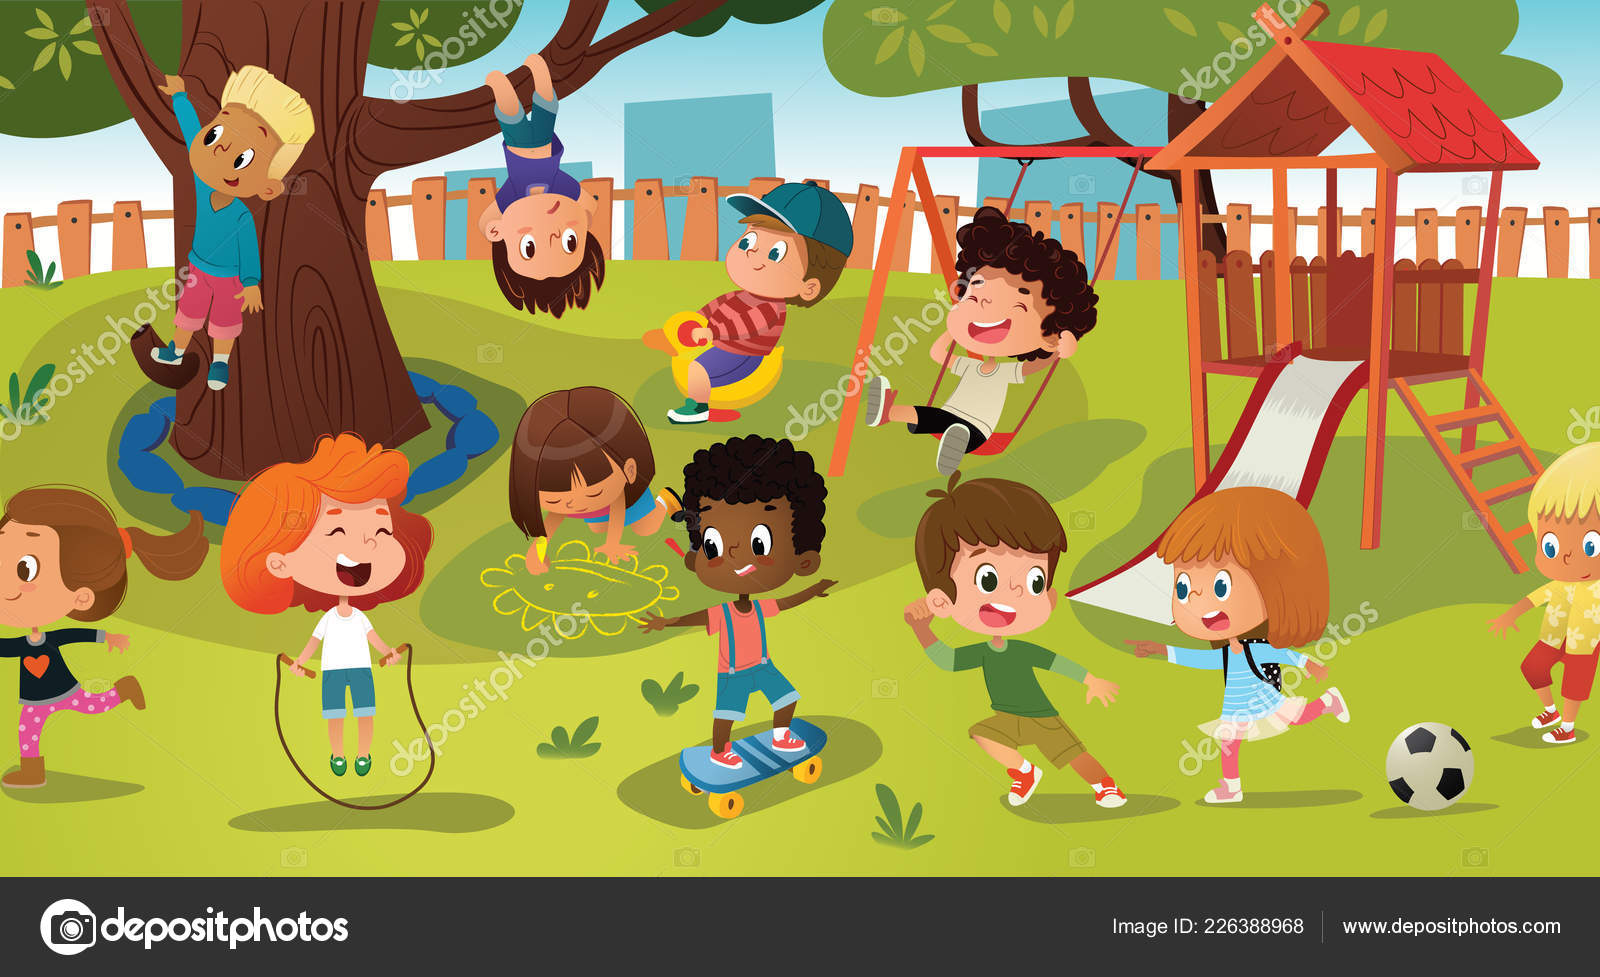 ecef83d7d Grupo de niños jugando juegos en un parque público o recreo con columpios,  toboganes, skate, bola, lápices de colores, cuerda, juego de ponerse al día.